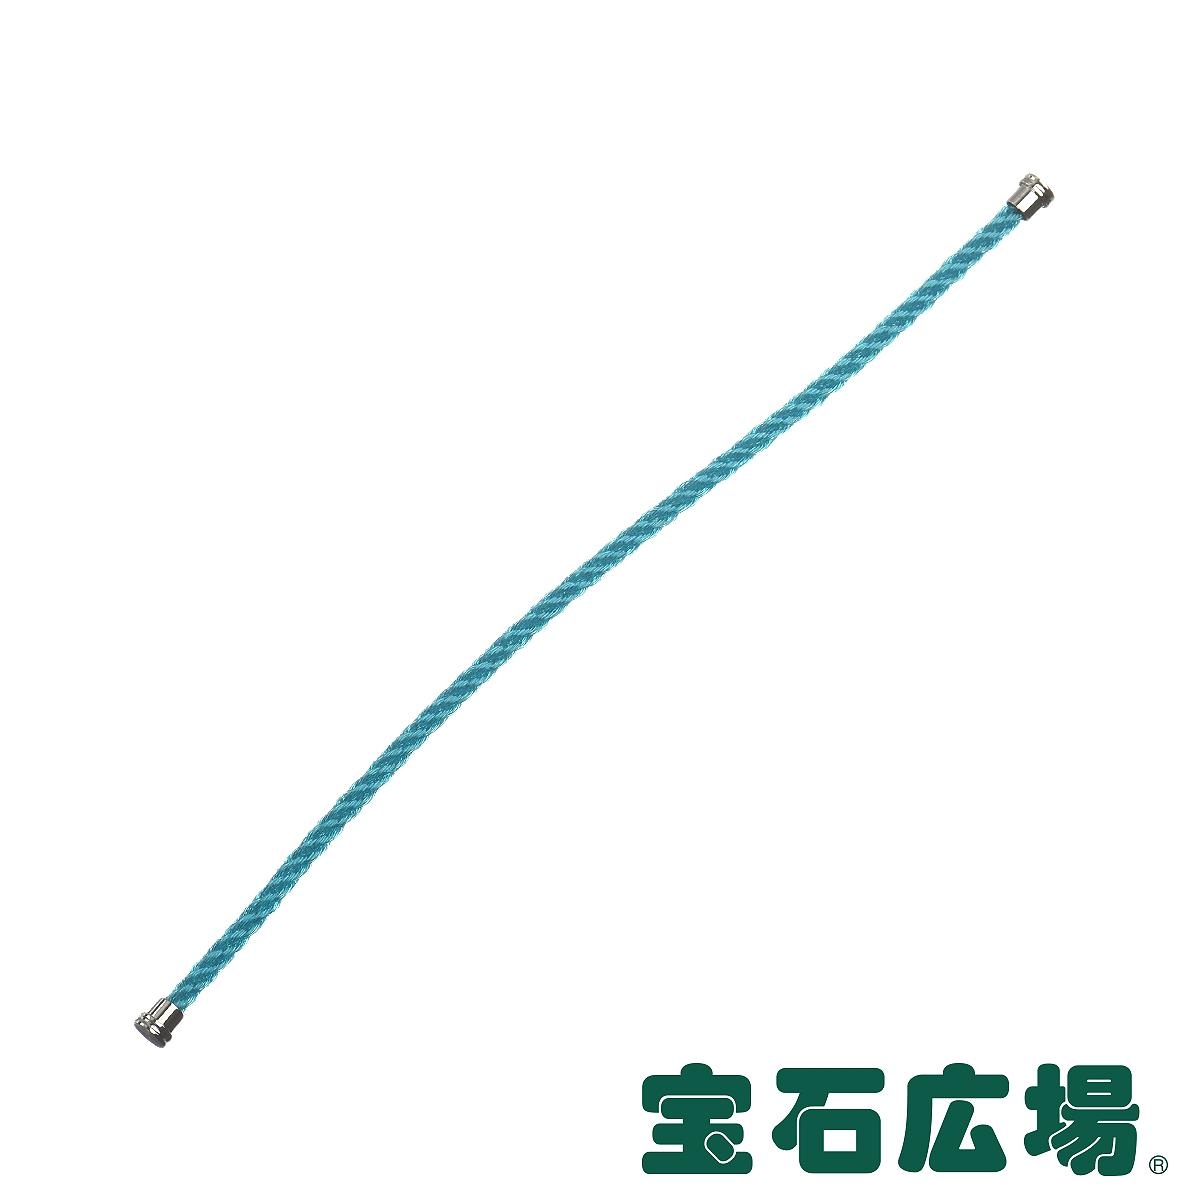 フレッド FRED フォース10 ターコイズブルー テキスタイル ケーブル(MM) 6B0303【新品】 ジュエリー 送料無料